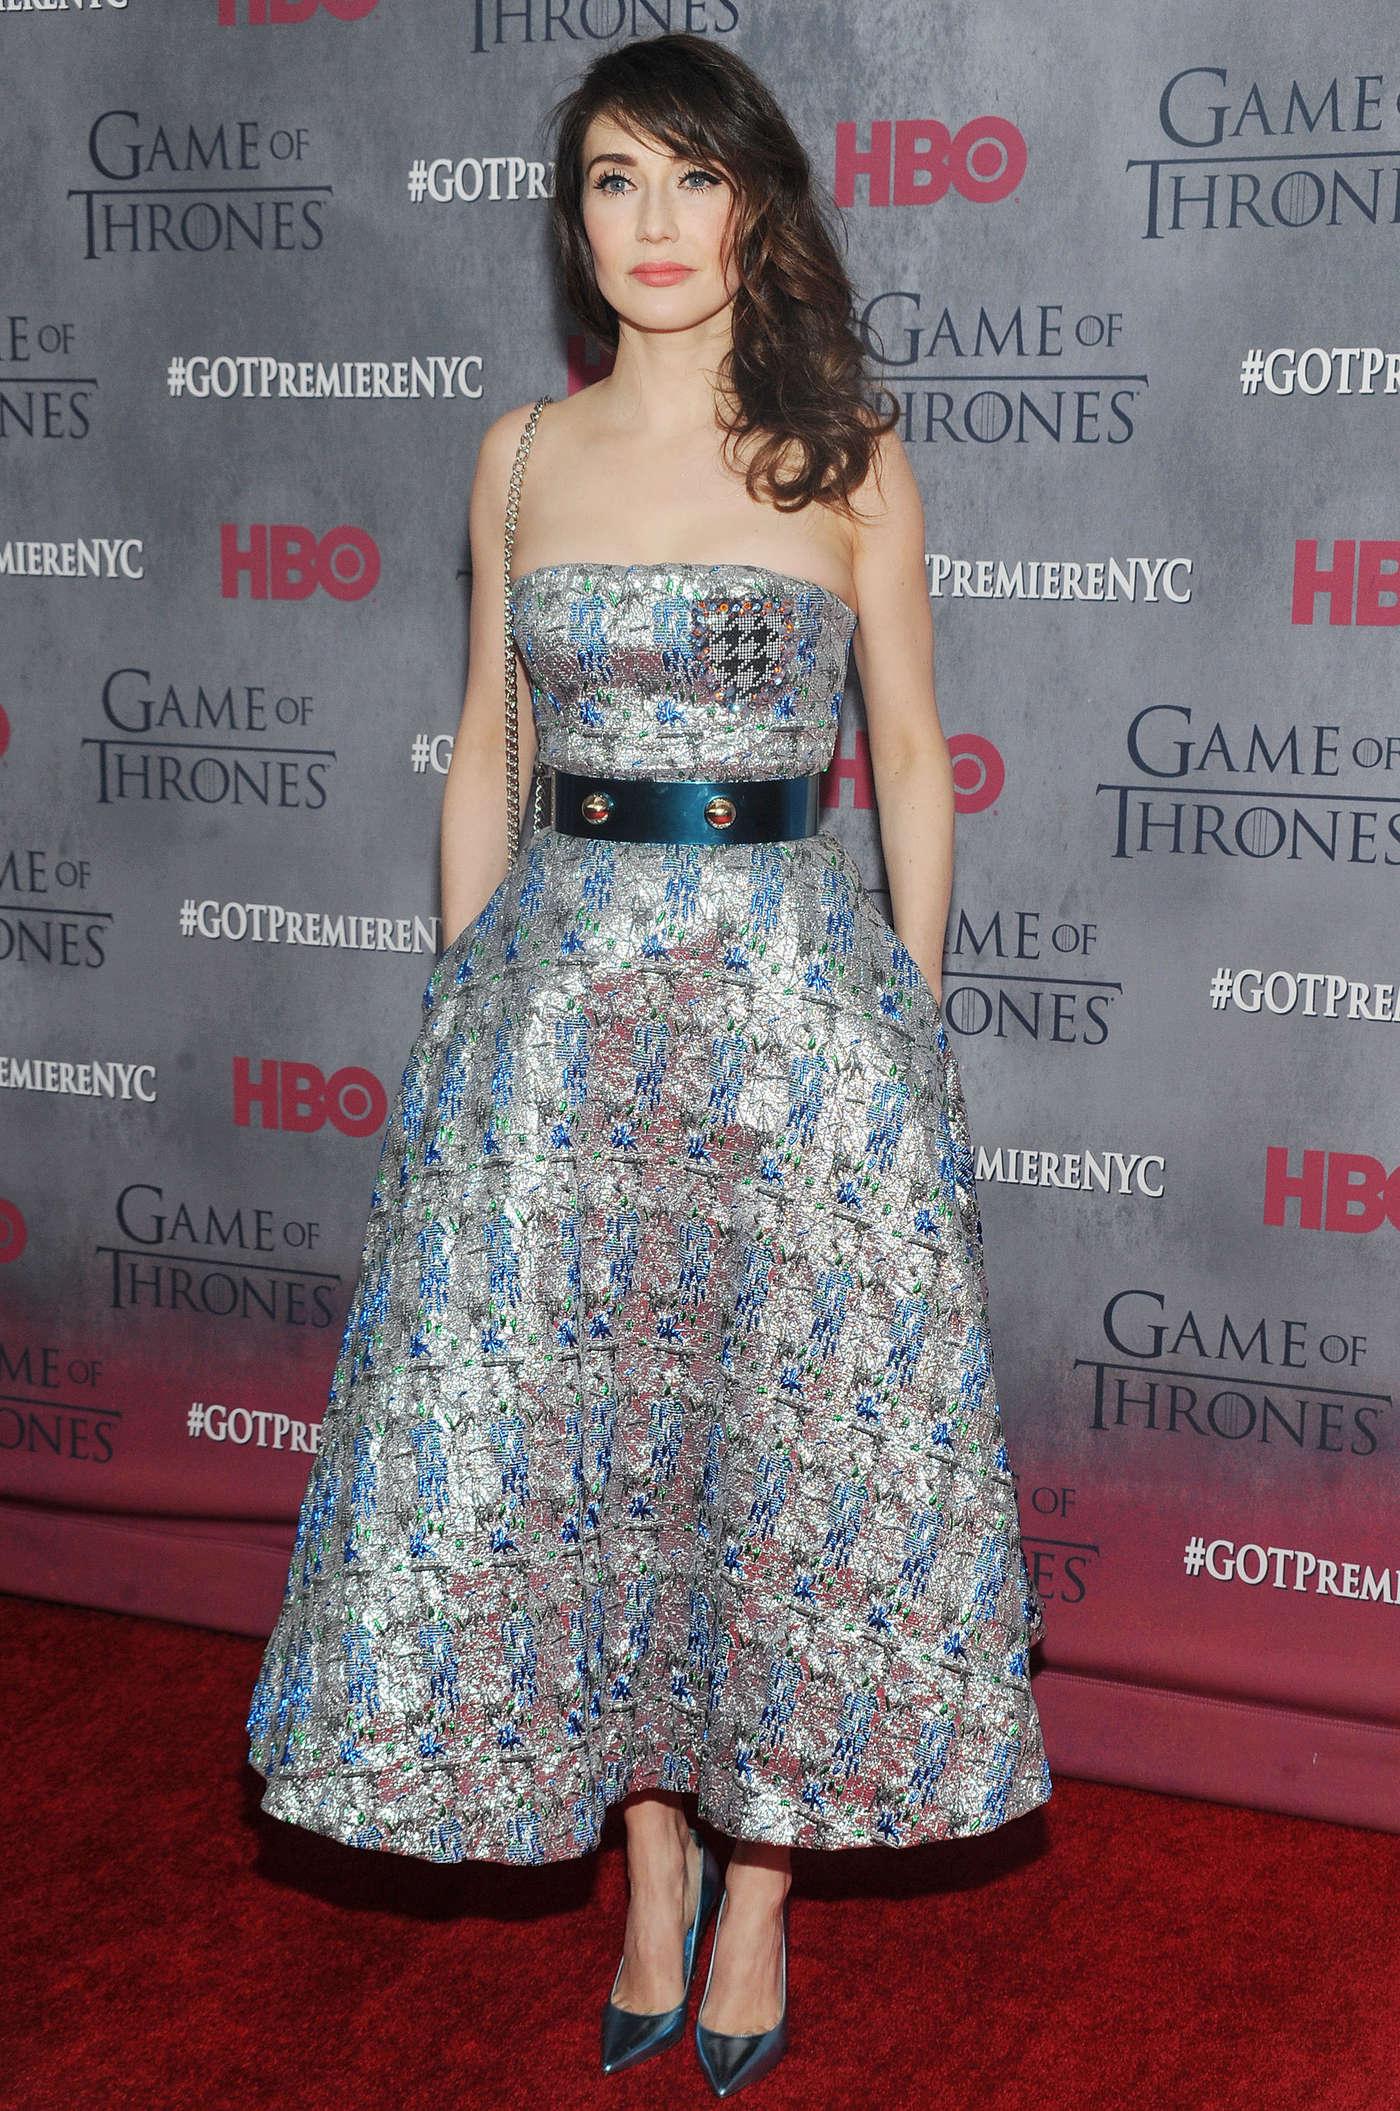 Carice van Houten Game of Thrones Premiere in New York